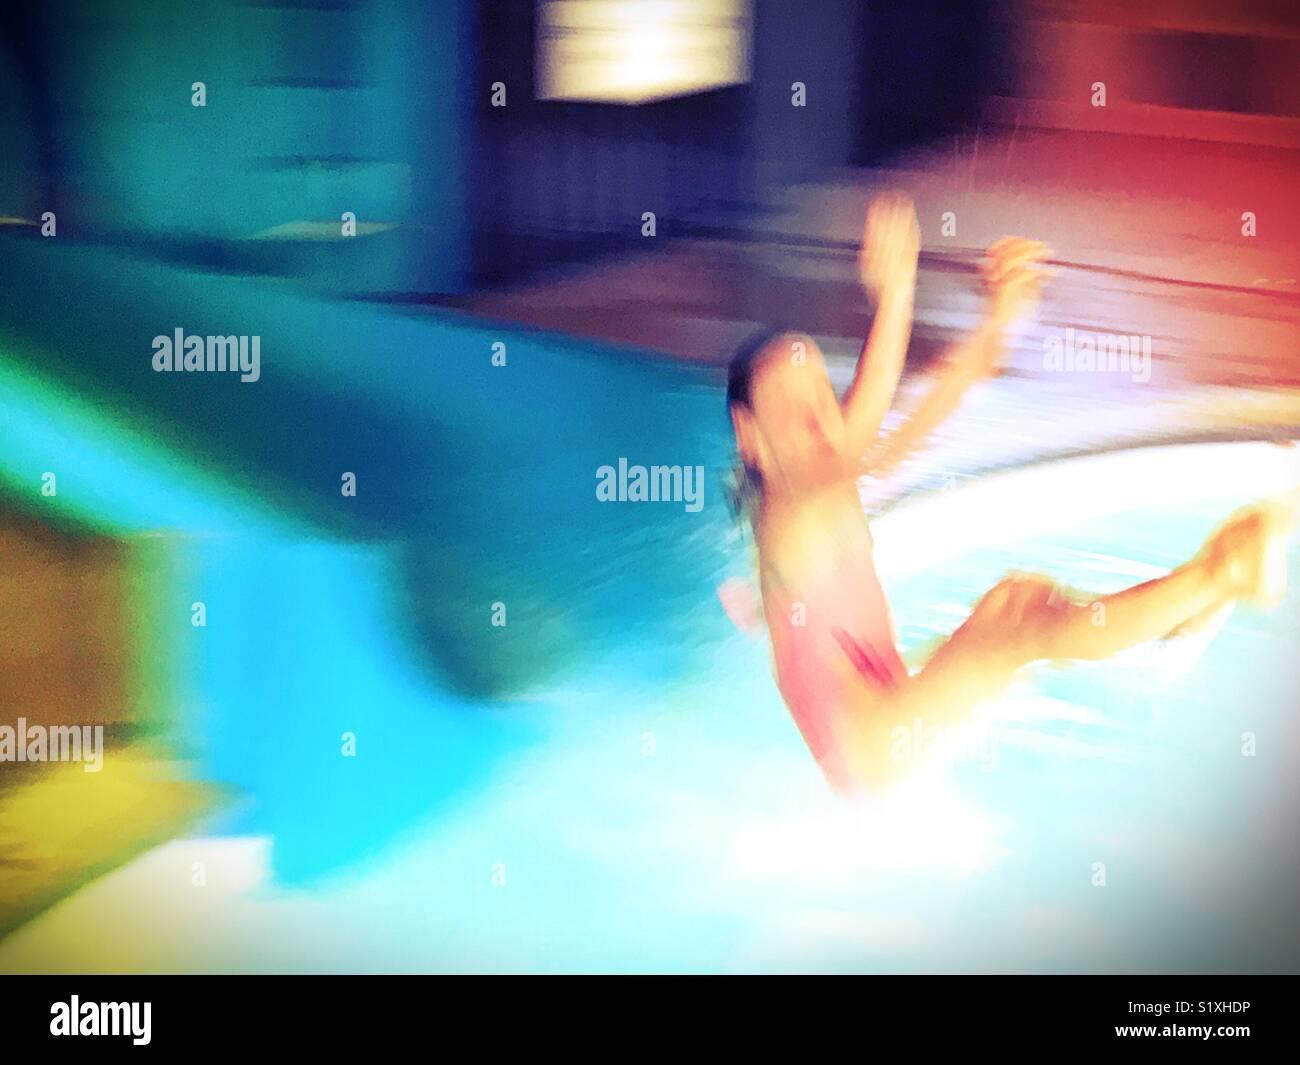 Una ragazza tira fuori di uno scivolo e lambisce una piscina. Immagini Stock